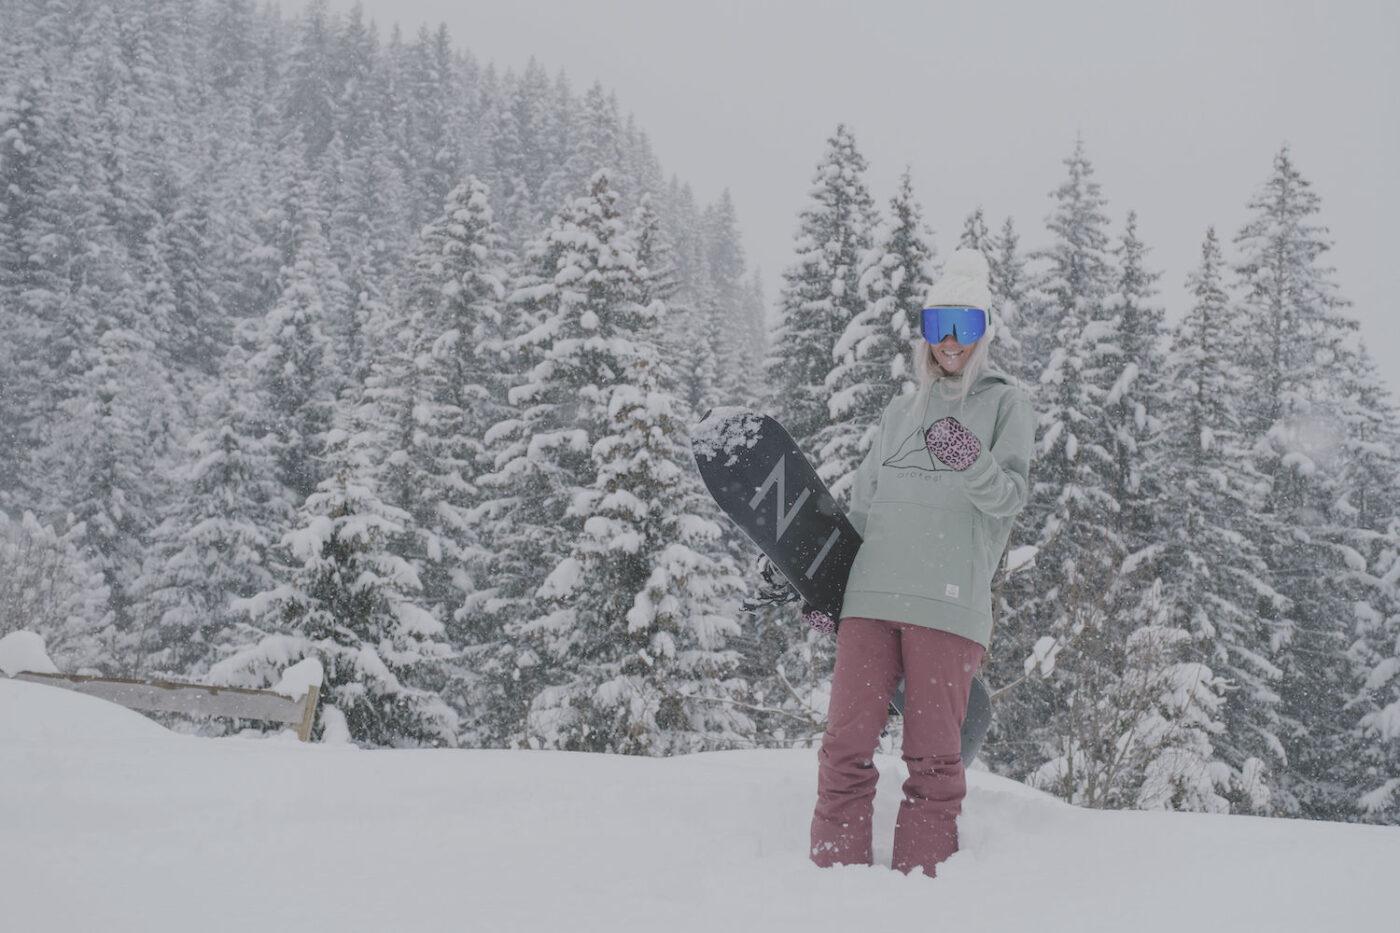 De leukste ski wear voor jouw wintersport!